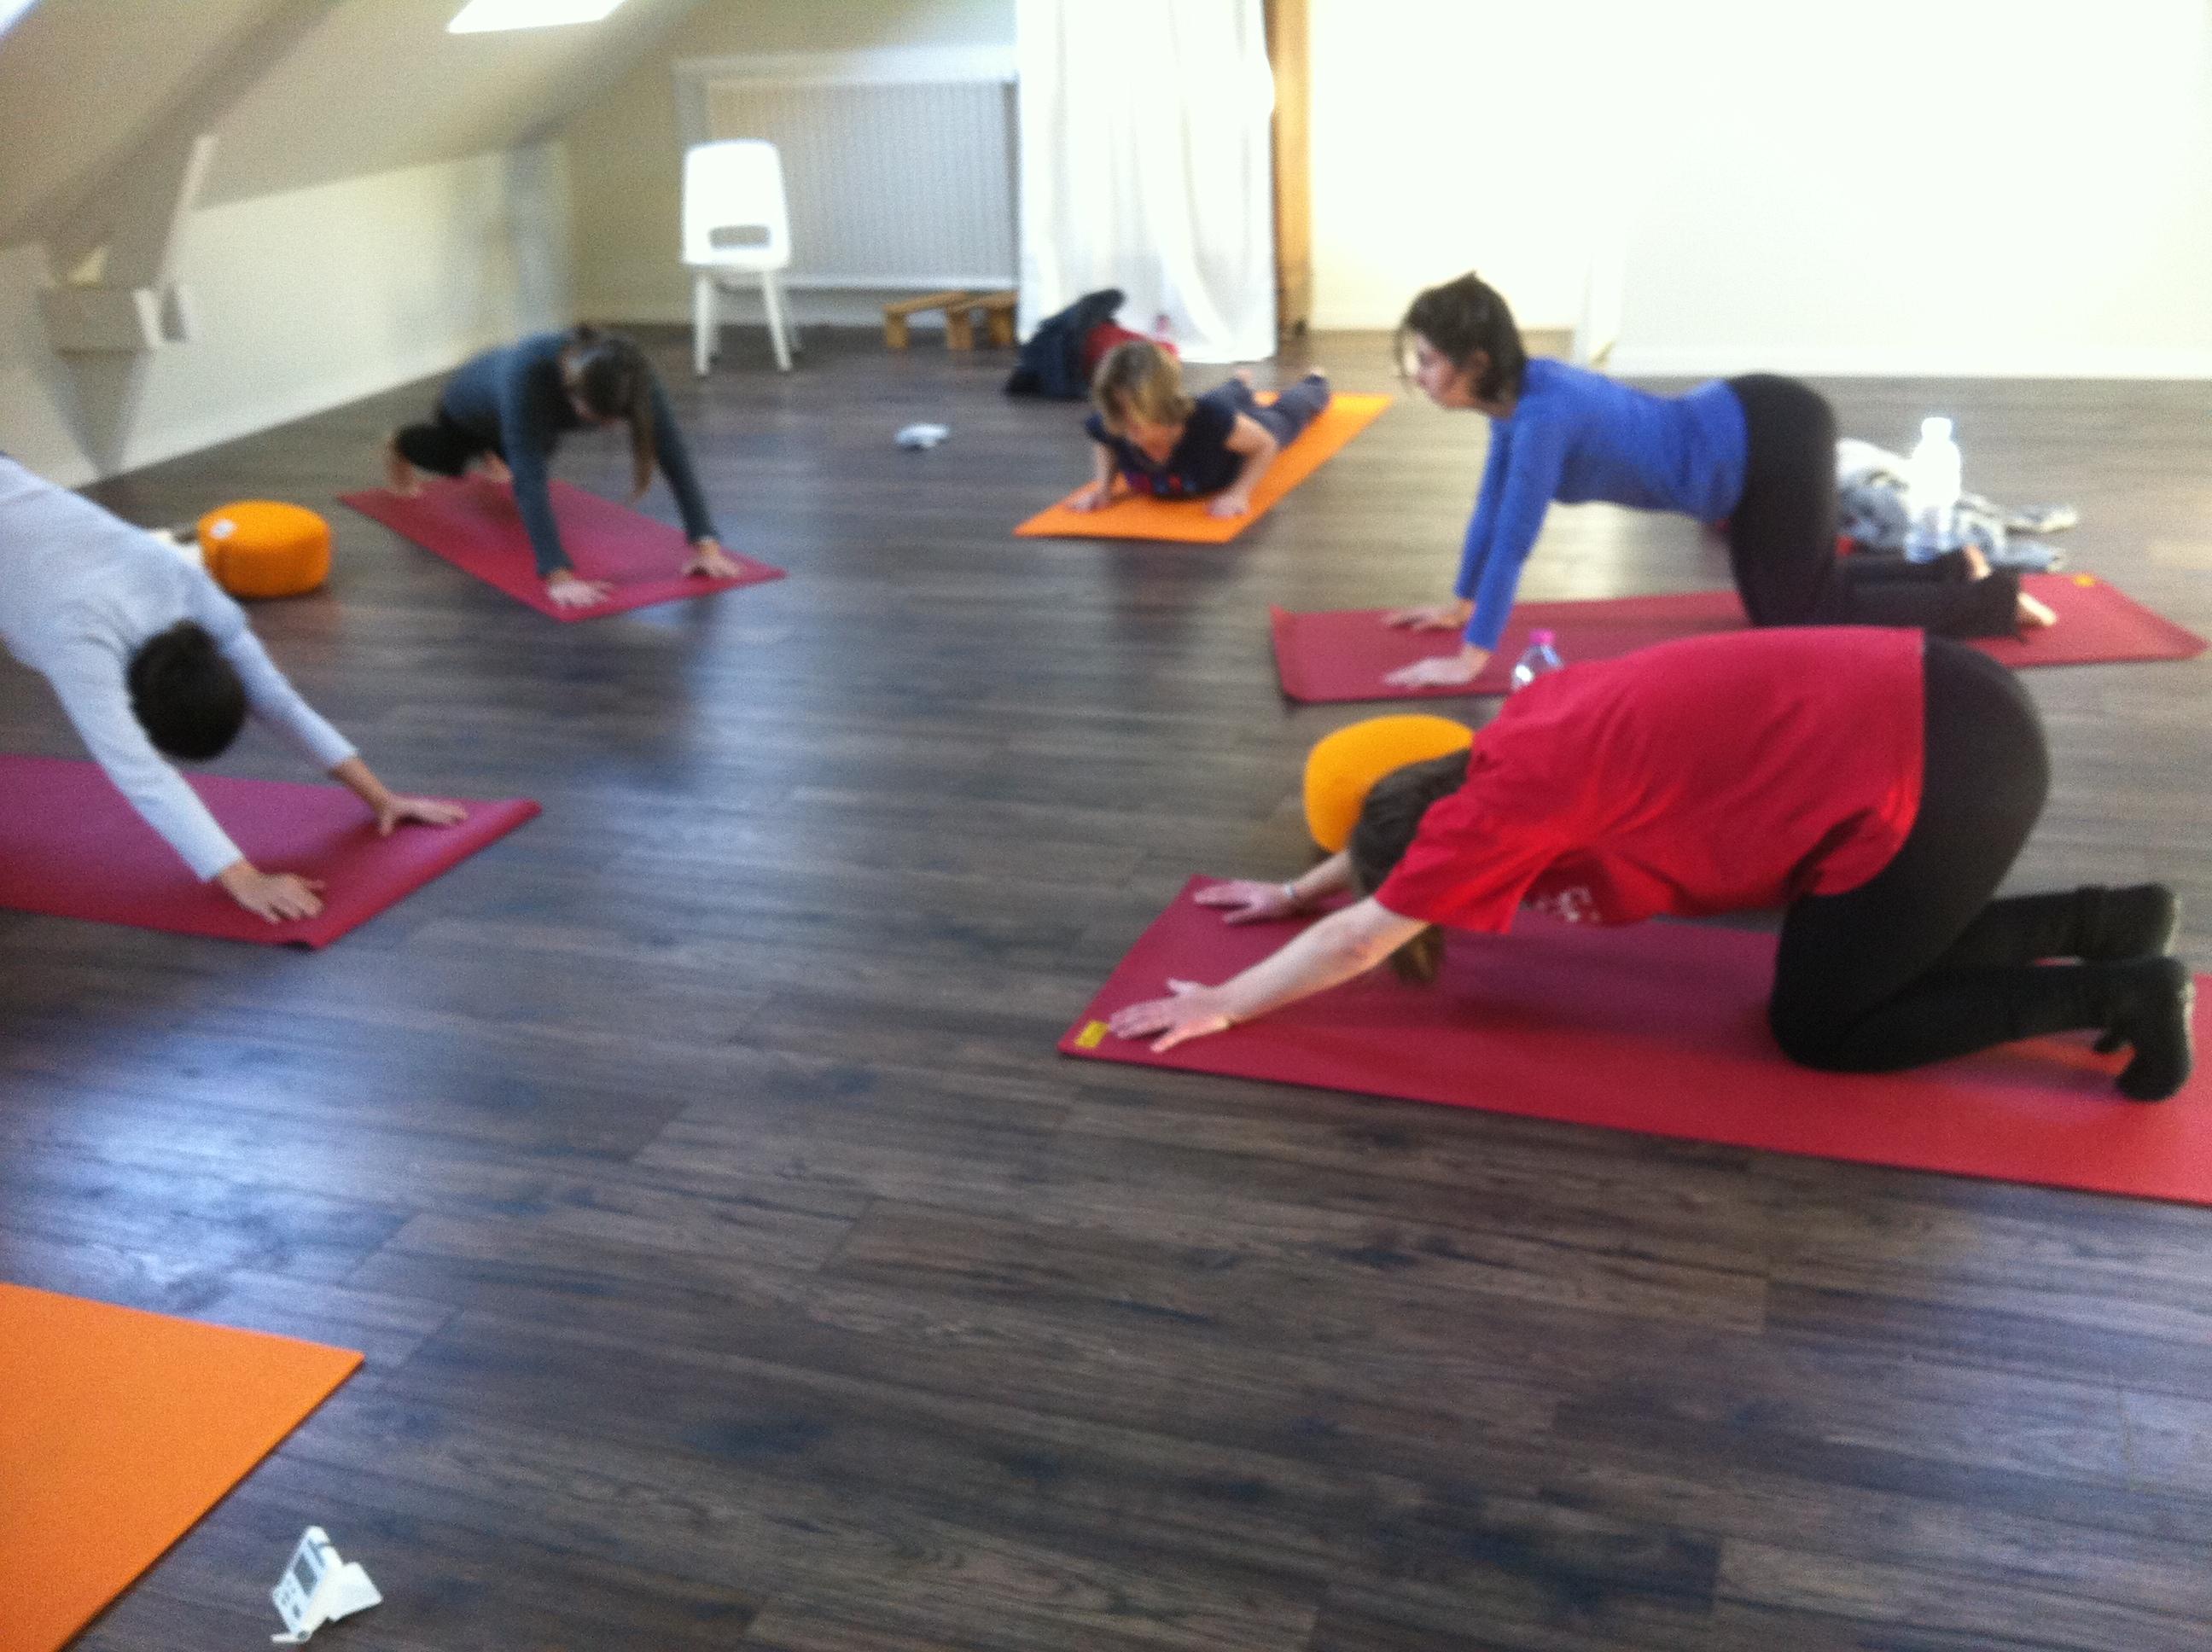 Cours de yoga des saisons mensuel: le 1er samedi matin de chaque mois